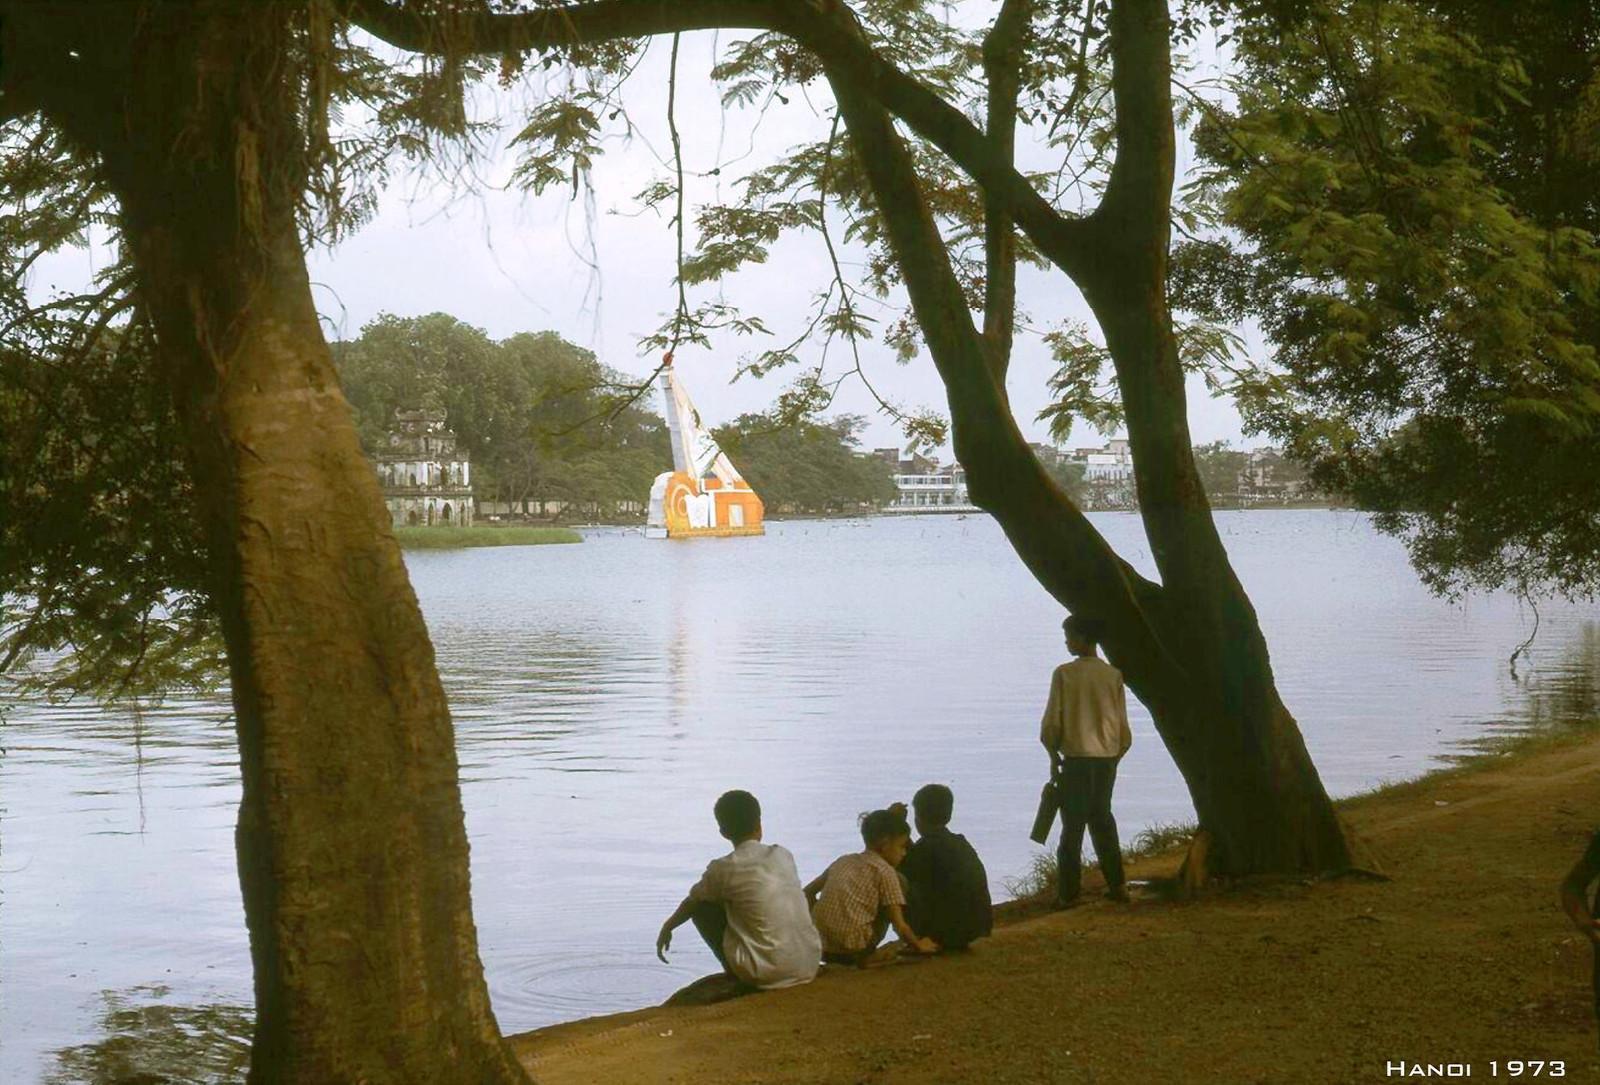 Những khoảnh khắc khó quên về bờ hồ Hoàn Kiếm năm 1973